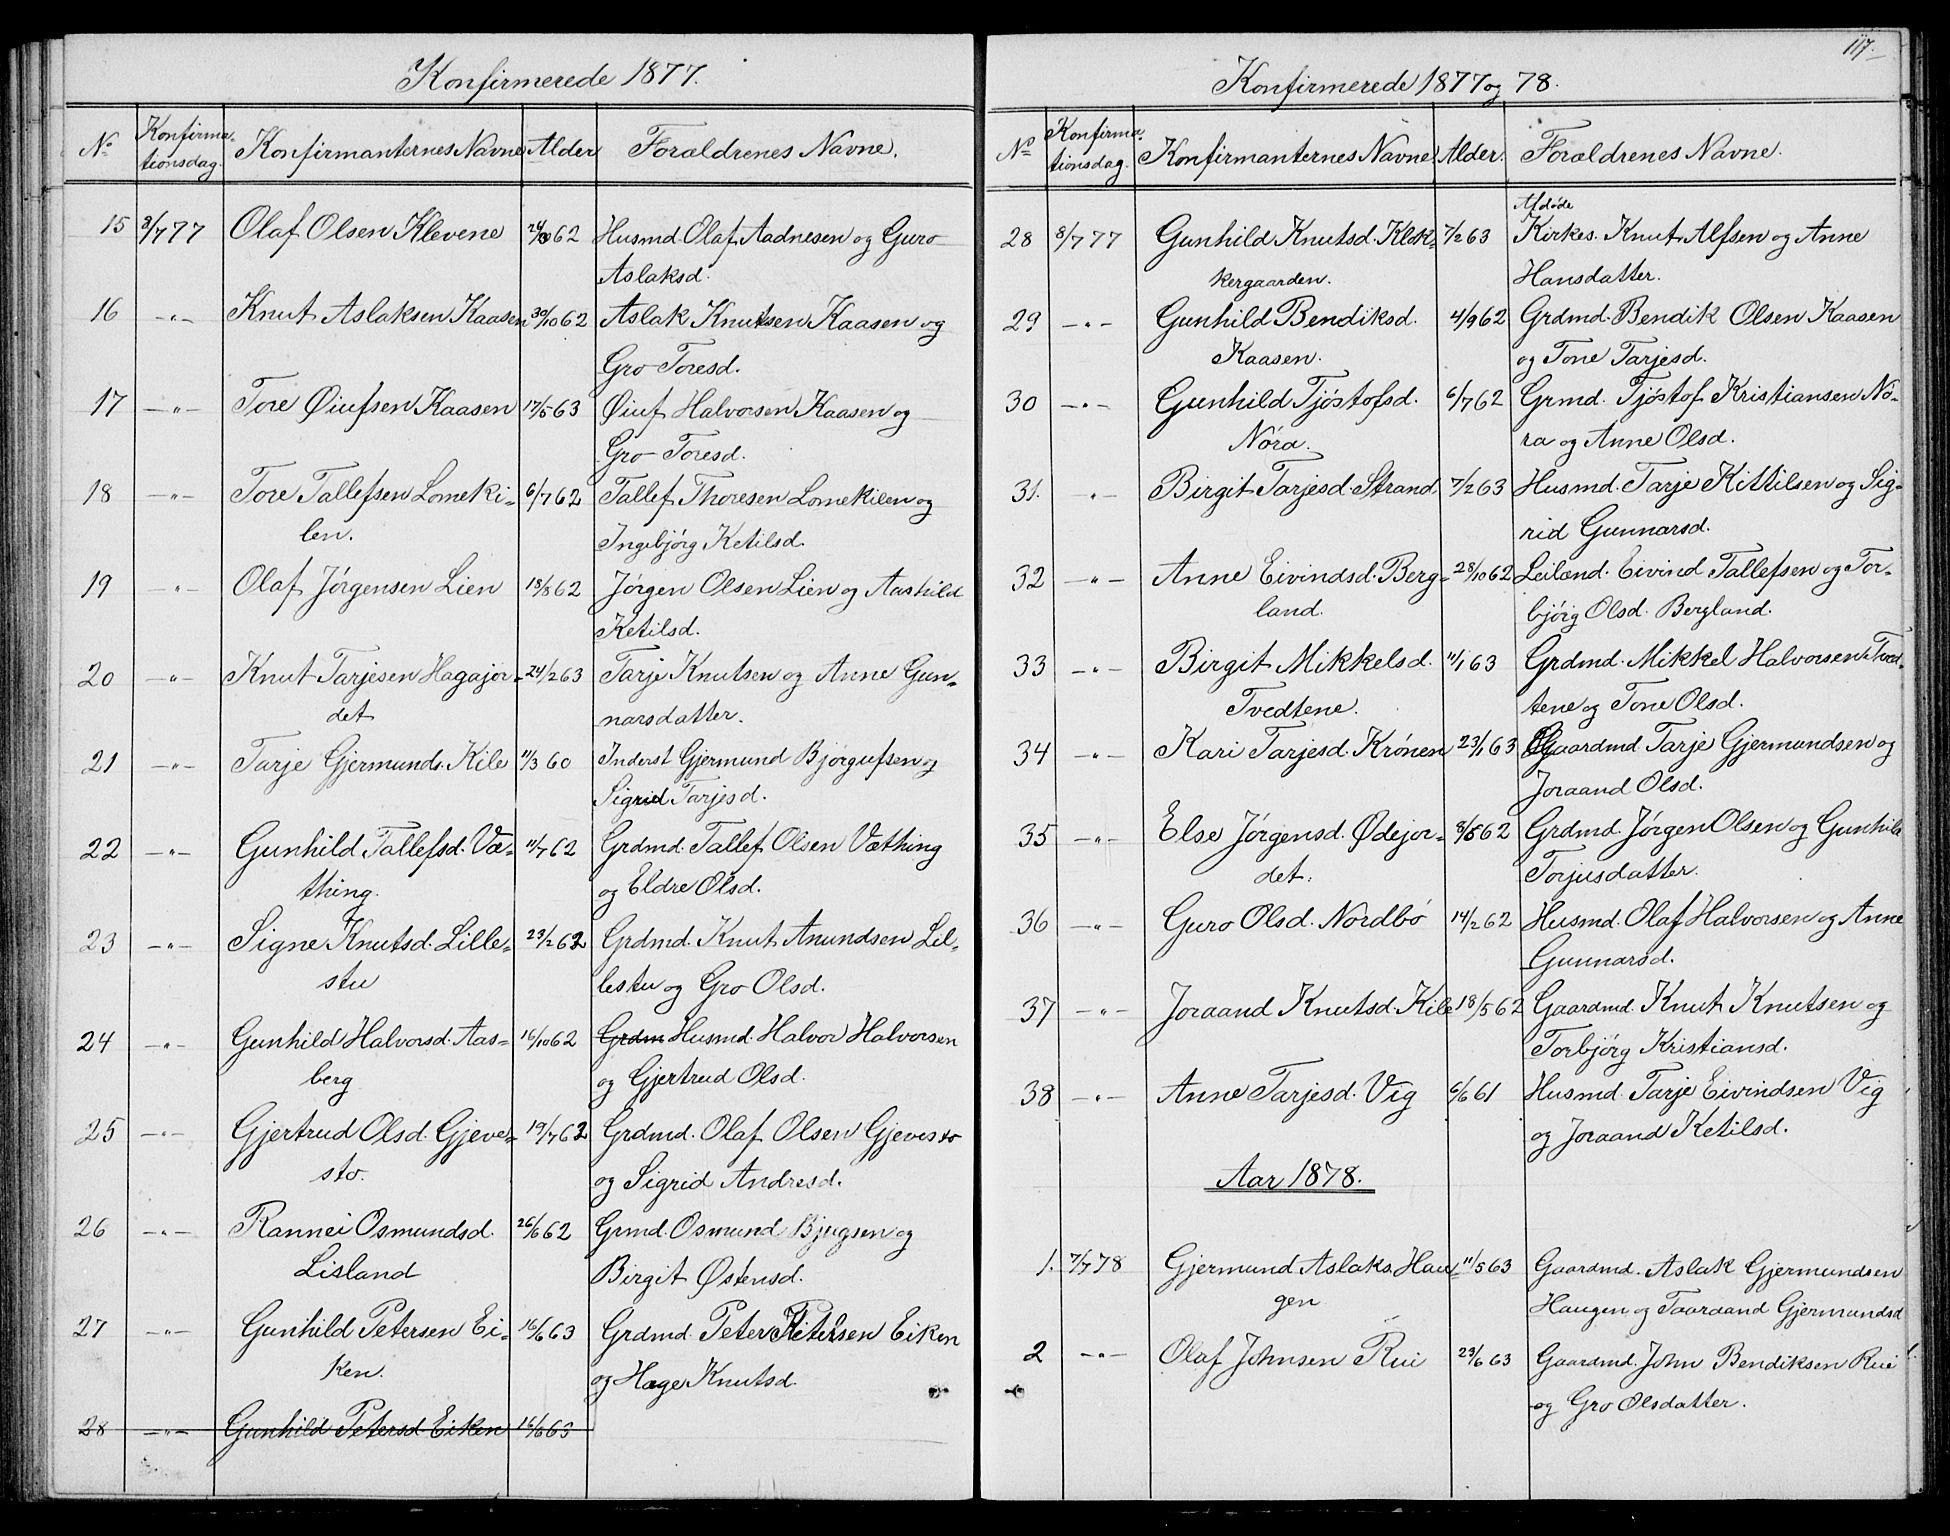 SAKO, Fyresdal kirkebøker, G/Ga/L0004: Klokkerbok nr. I 4, 1864-1892, s. 117